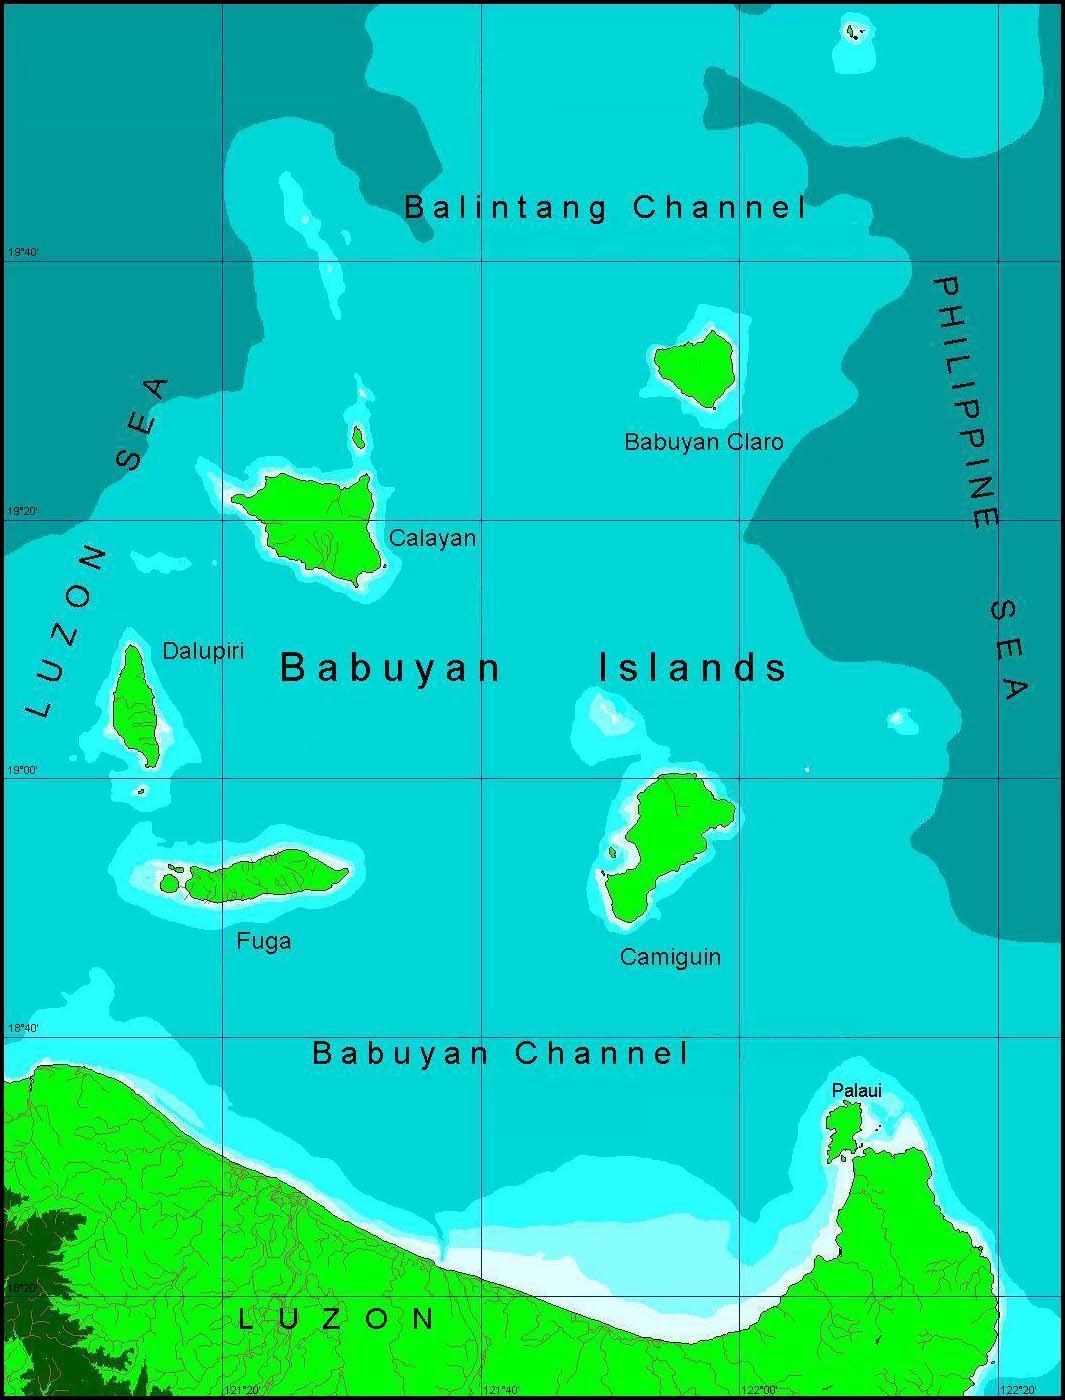 Babuyan Islands